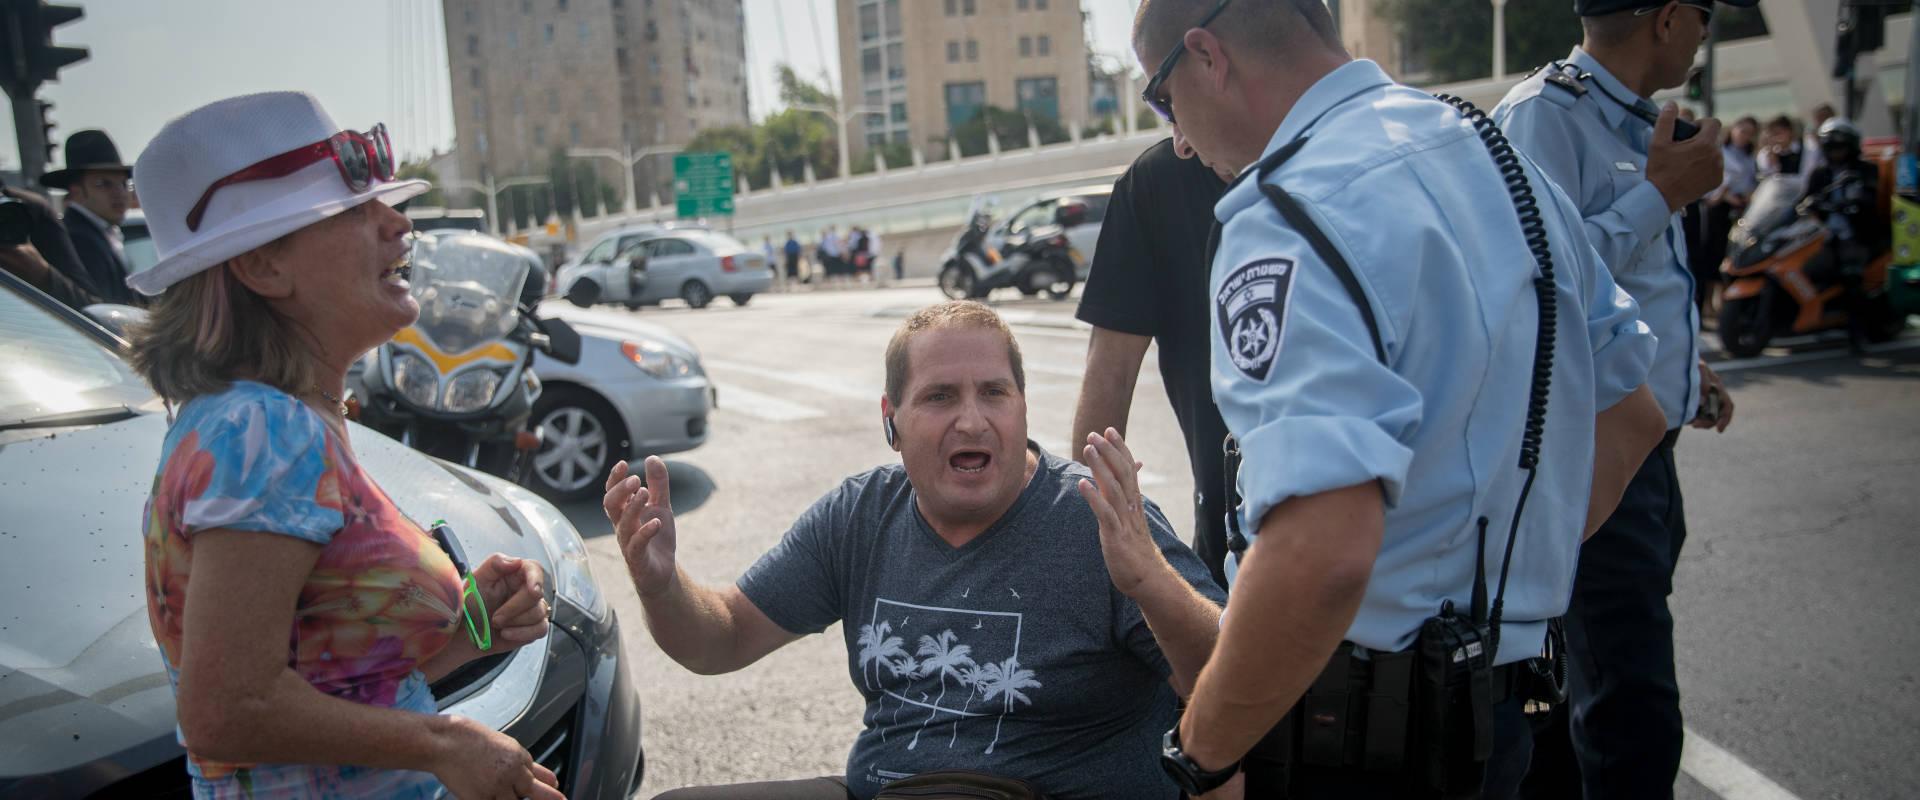 מפגין עם מוגבלות מתעמת עם שוטרים בשבוע שעבר